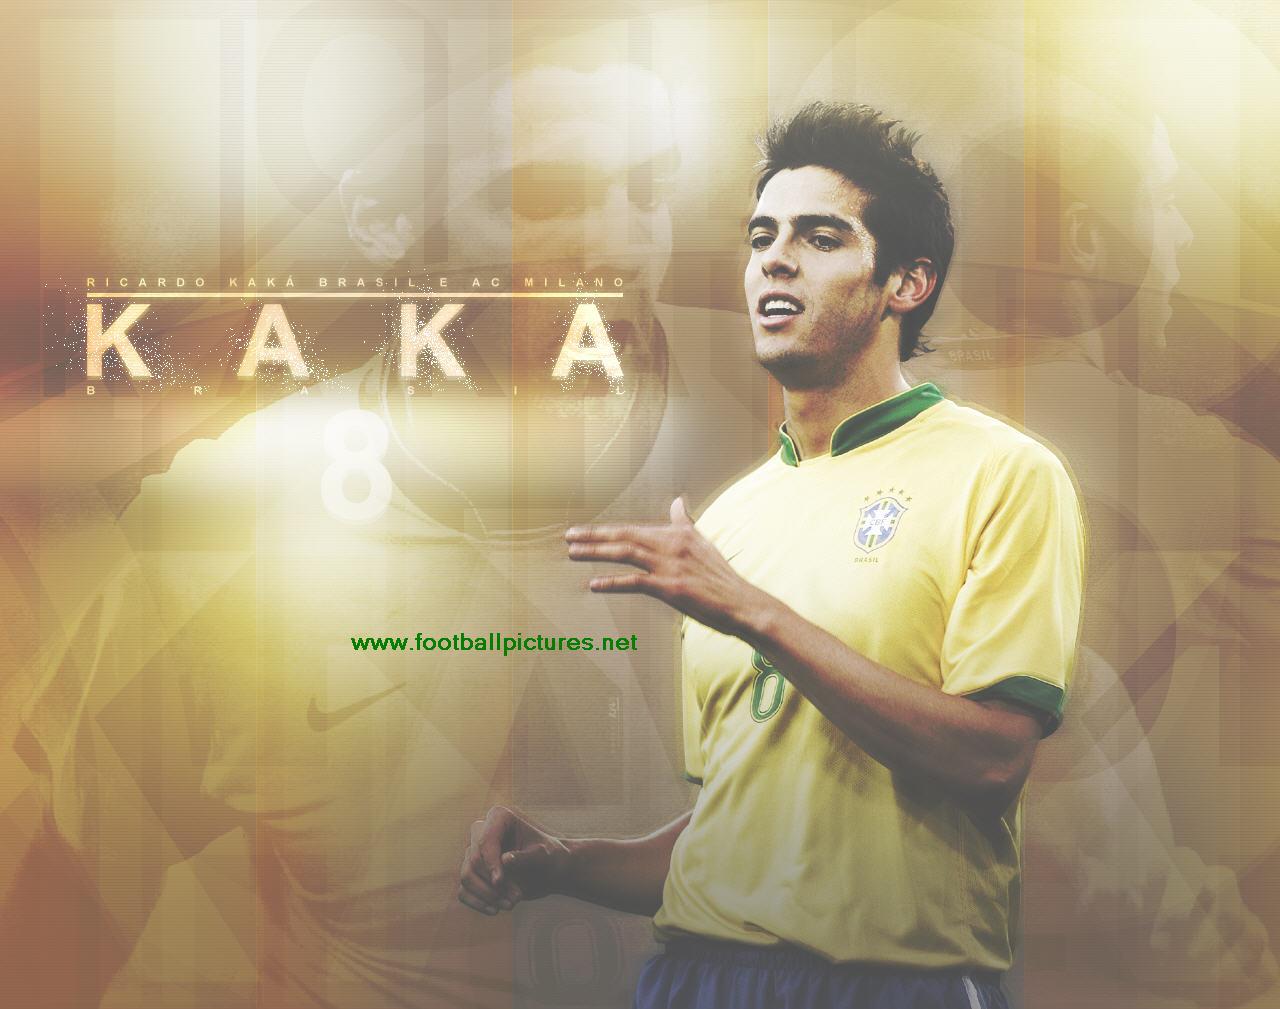 http://1.bp.blogspot.com/-FmEqTFc9TwM/TcpayzWhMUI/AAAAAAAAAUk/w9SxwStXewk/s1600/ricardo_kaka_Footballpictures.net.jpg